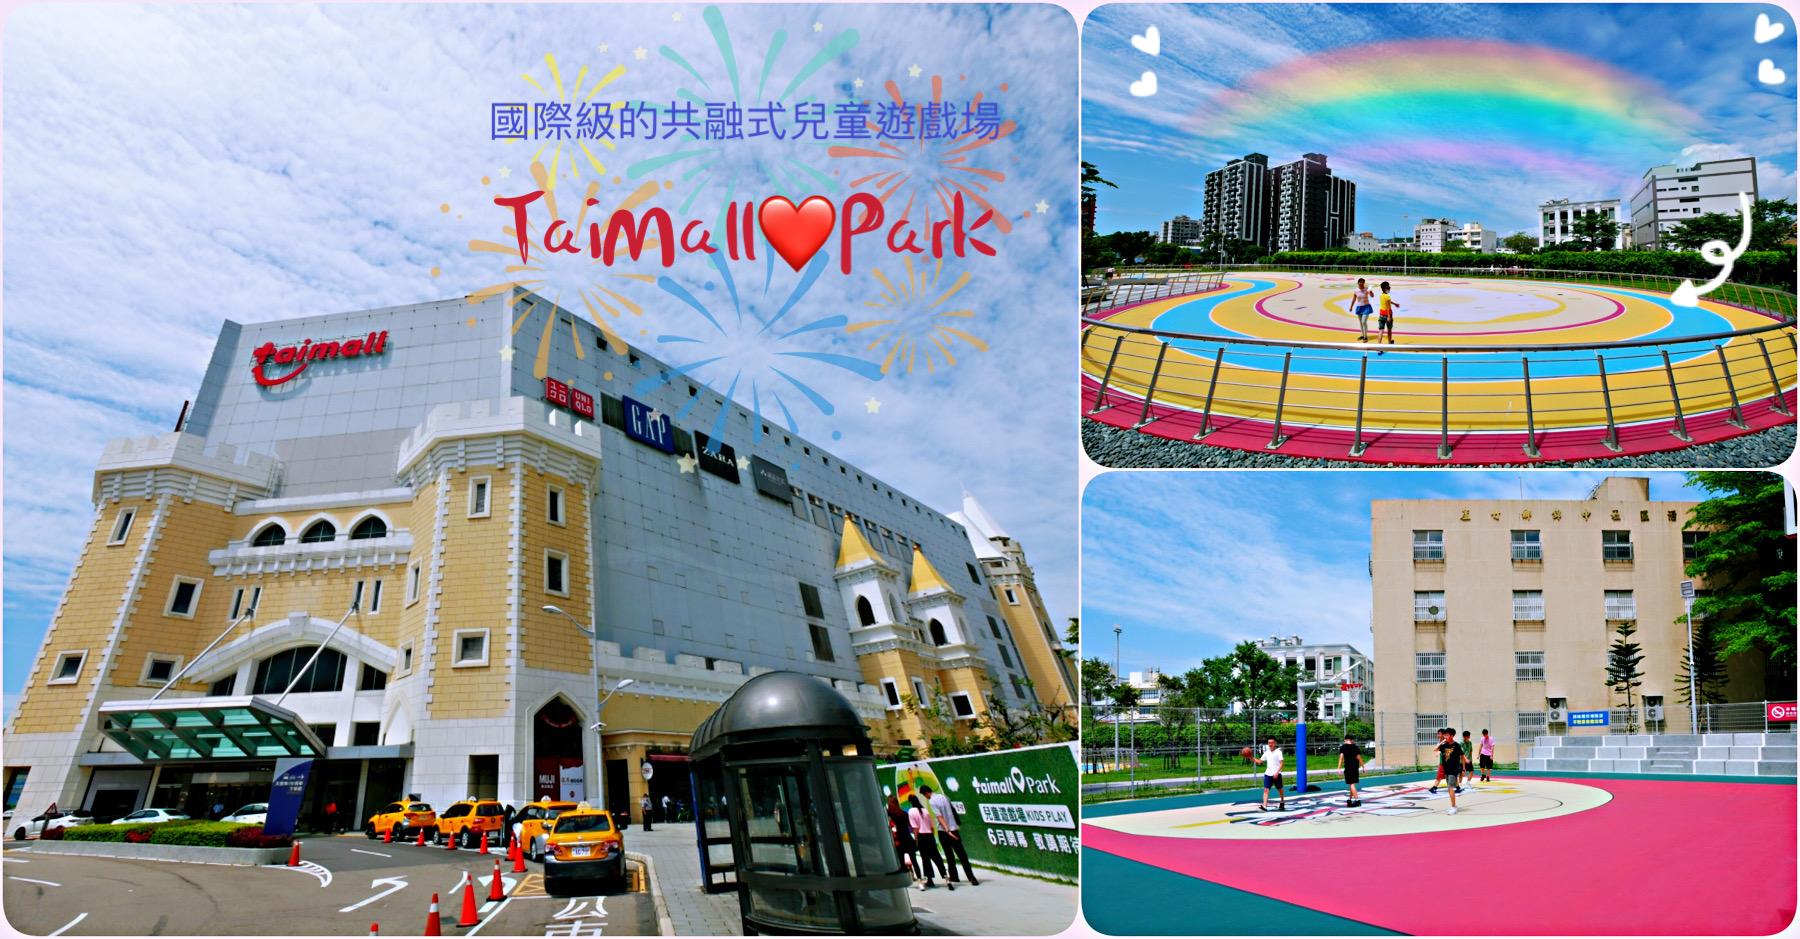 [南崁旅遊]台茂購物中心|Taimall♥Park 2020國際級的共融式兒童遊戲場今夏新登場‧六月前陸續免費開放使用